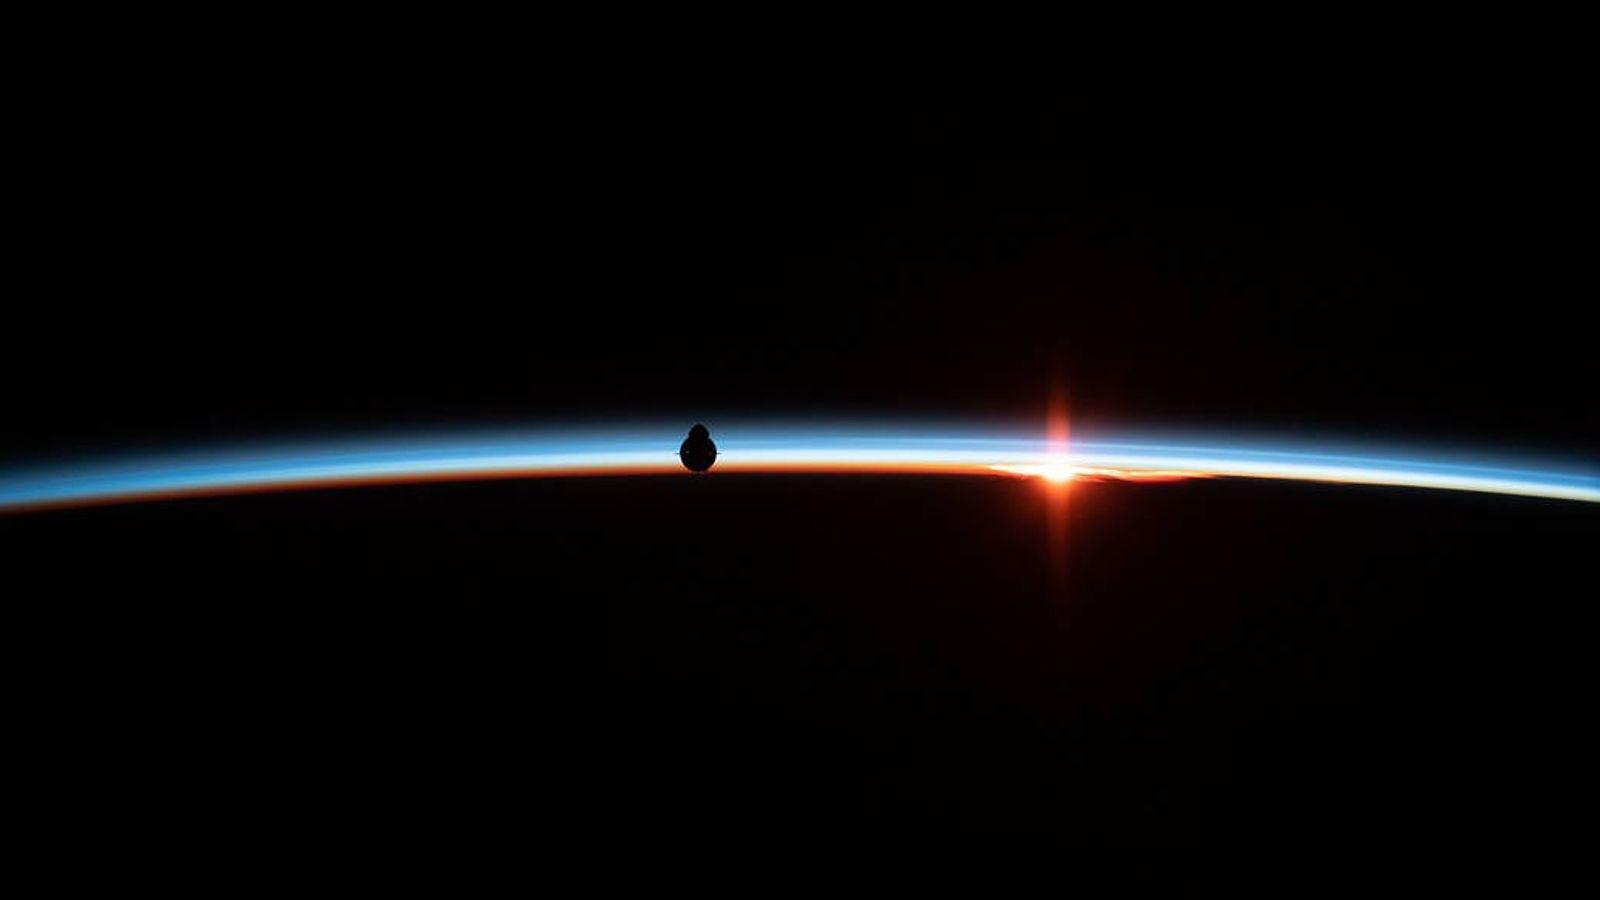 Die Silhouette des unbemannten SpaceX-Raumschiffs Dragon hebt sich vor dem leuchtenden Horizont der Erde ab. Die ...